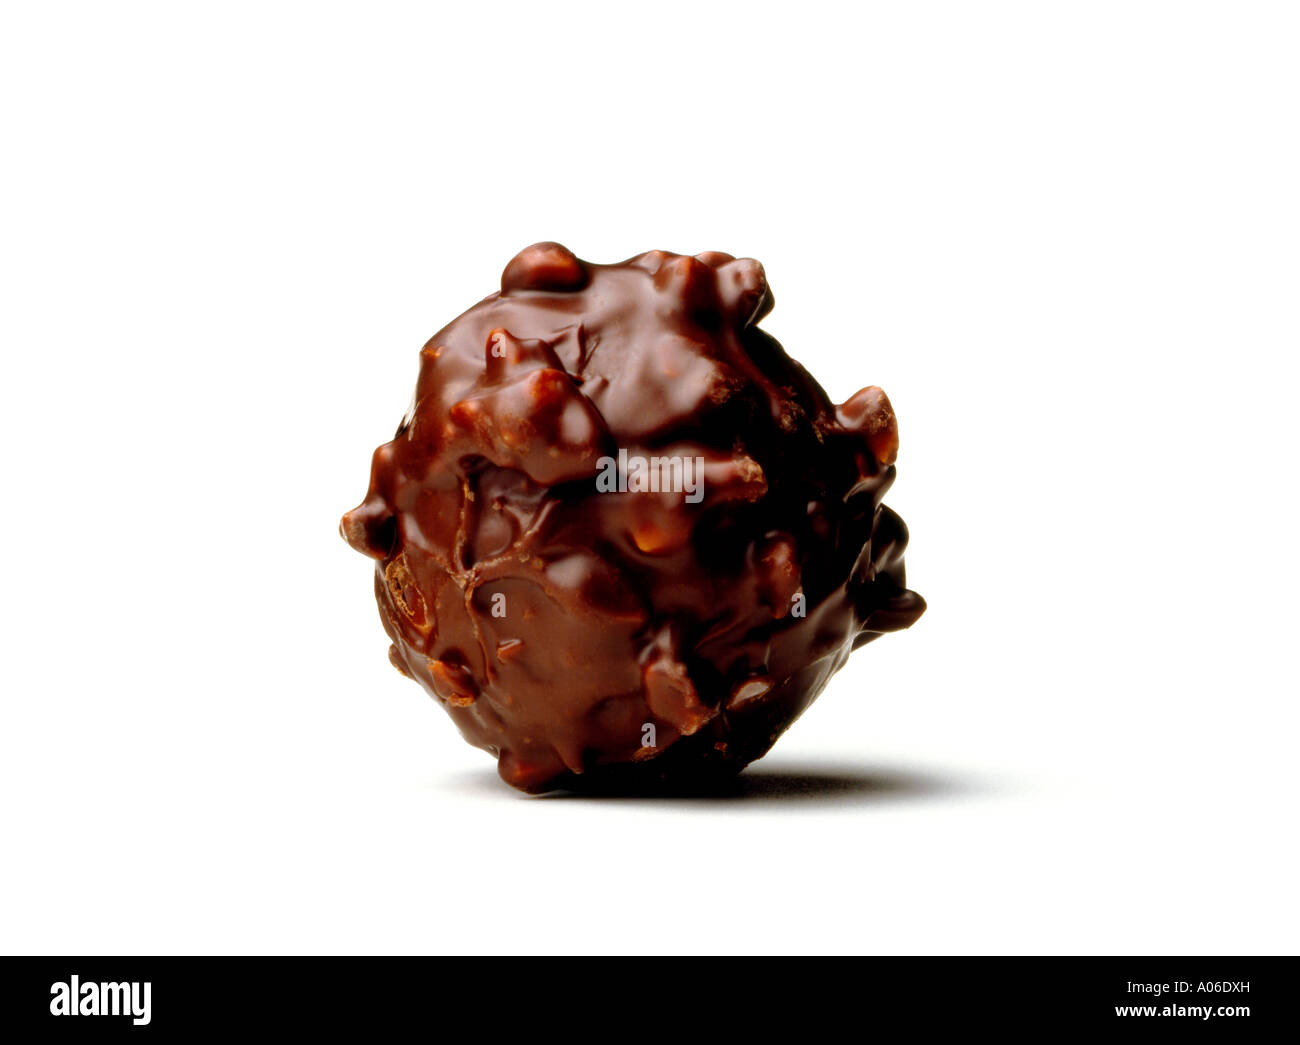 Cioccolato Fondente al tartufo Immagini Stock